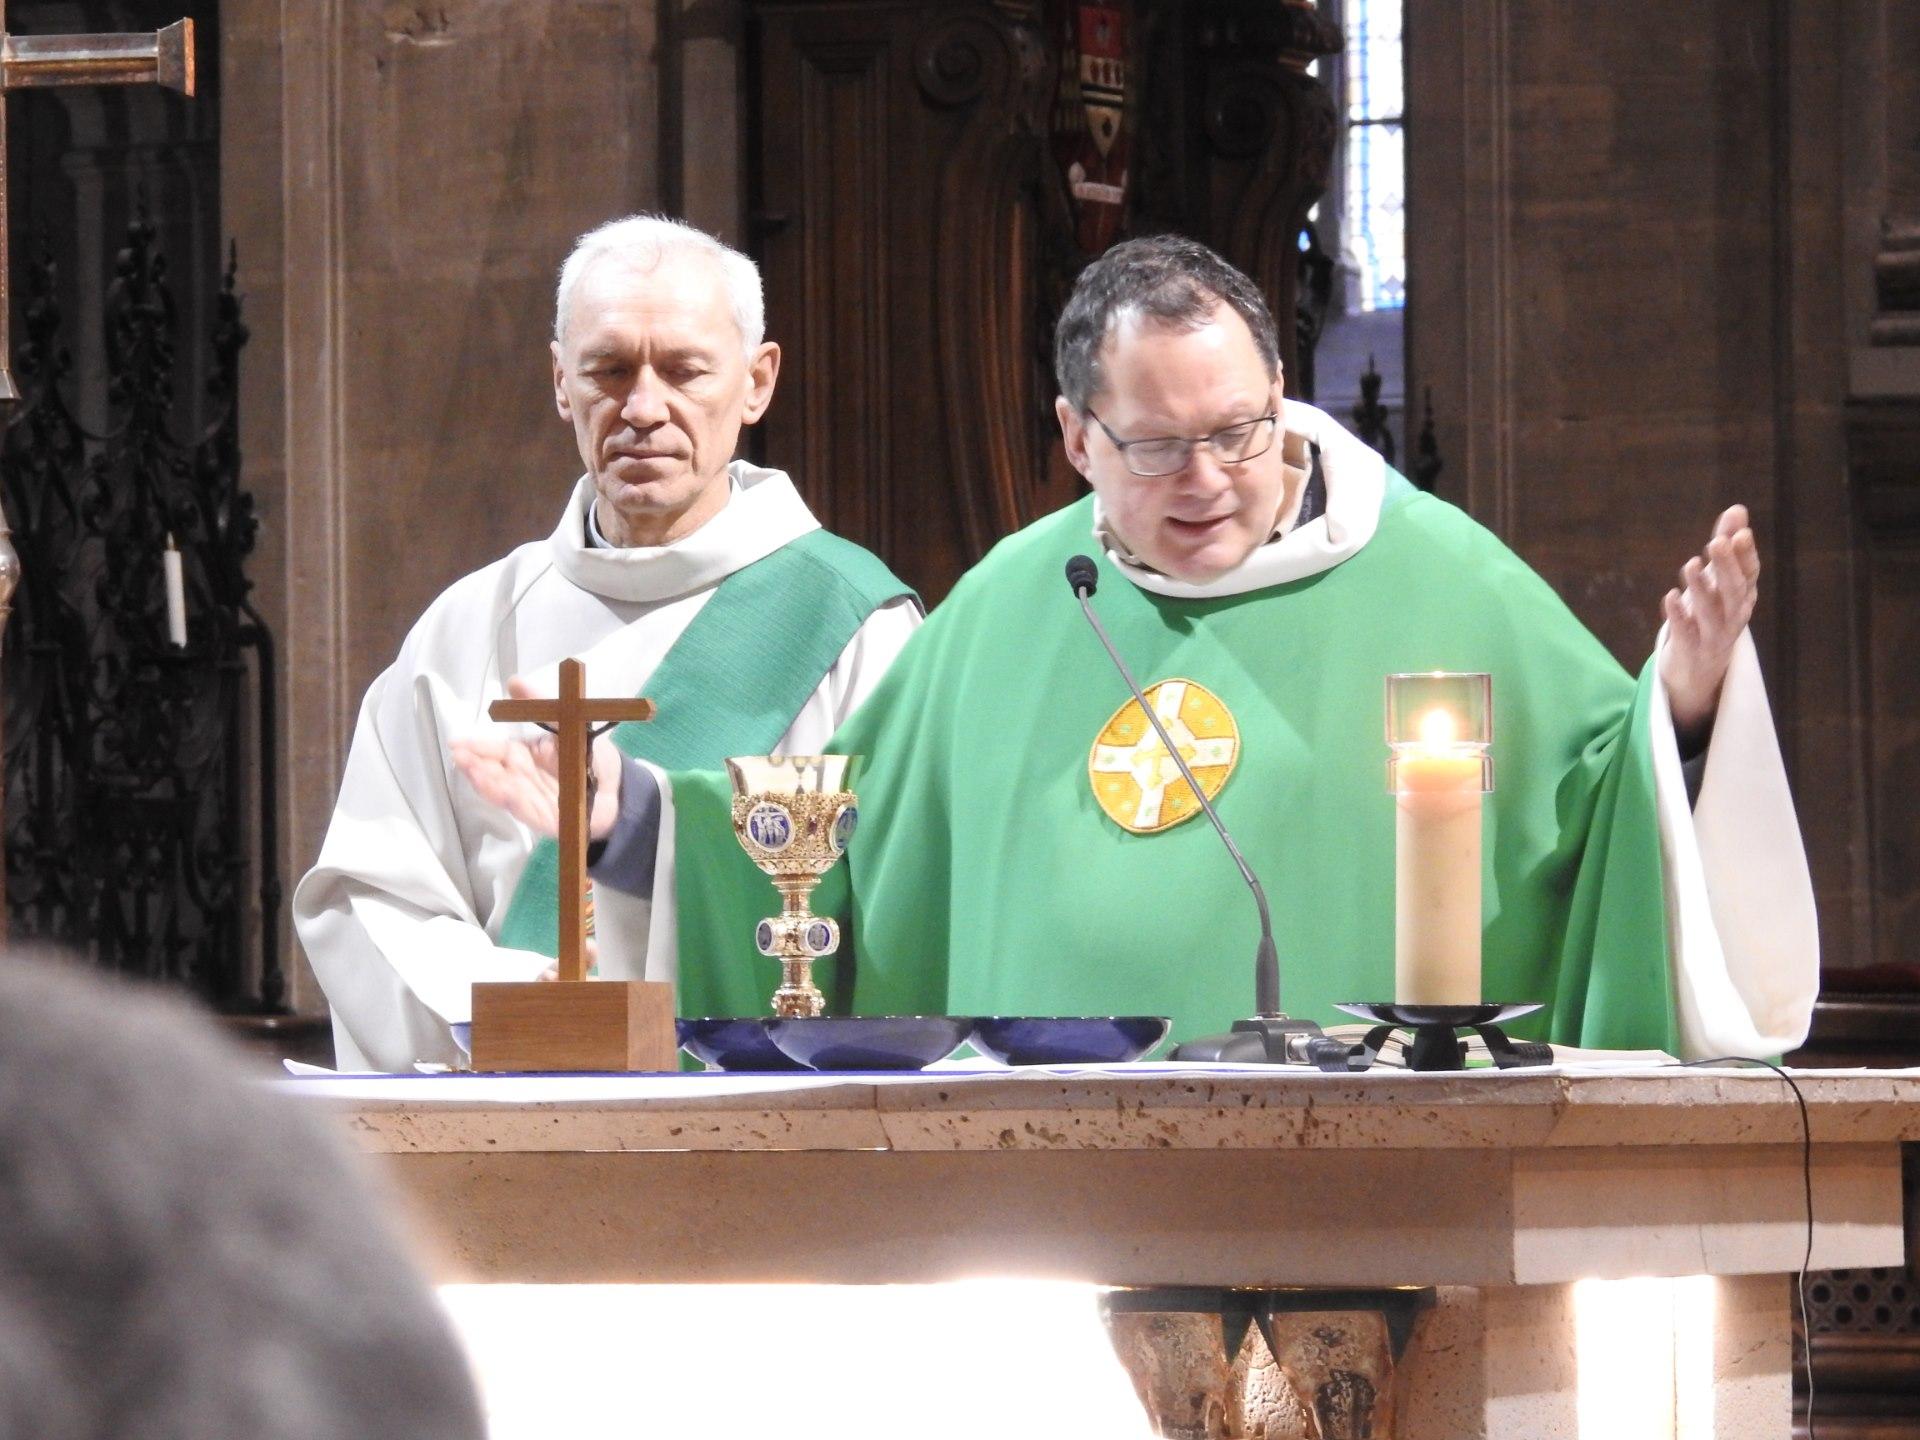 Messe familles St Francois 2018 01 21 (20)